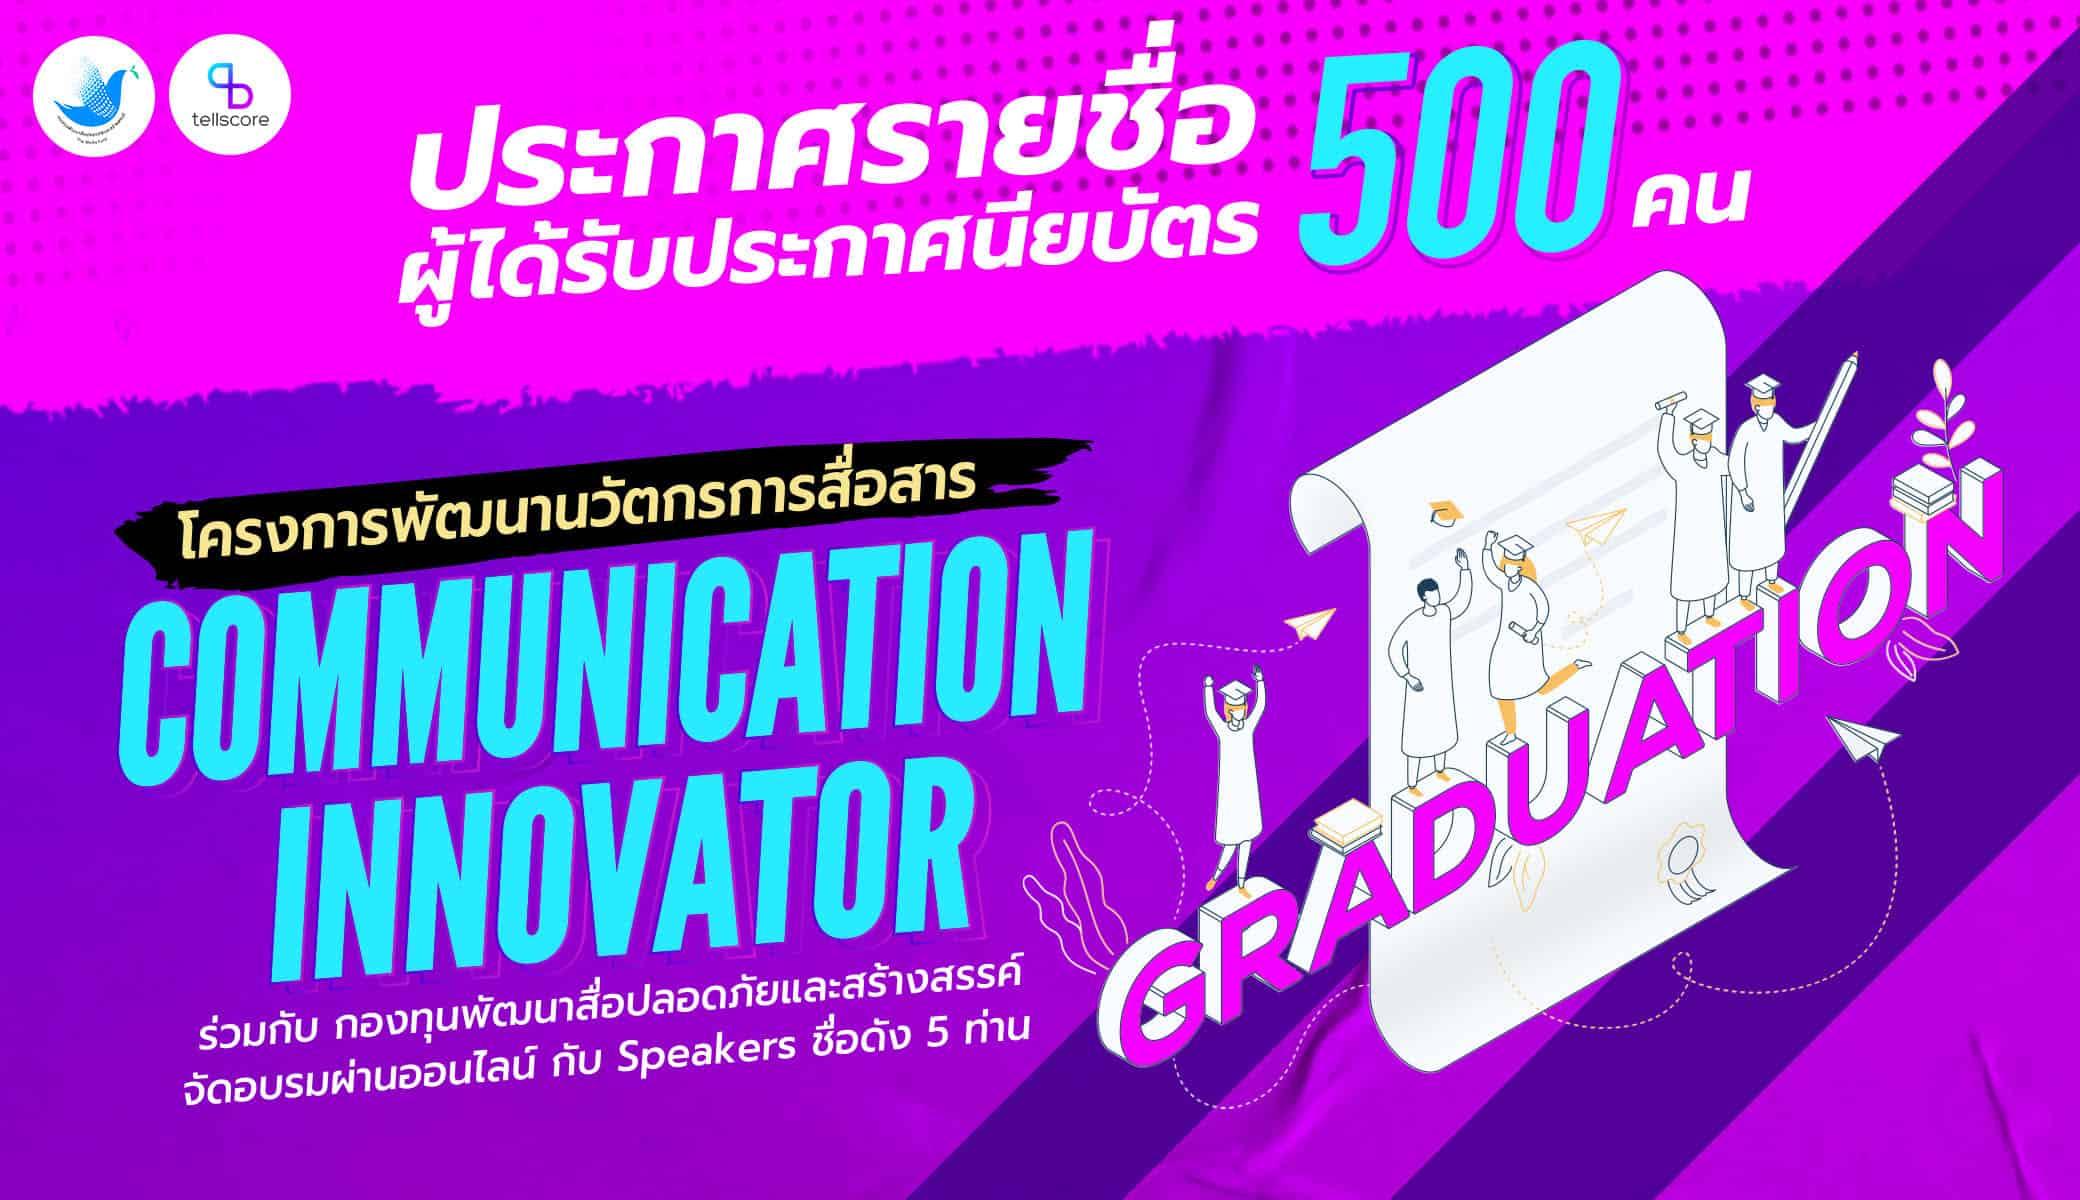 """กองทุนพัฒนาสื่อปลอดภัย และสร้างสรรค์ จับมือ Tellscore ผุดโปรเจกต์ พัฒนานวัตกรการสื่อสาร """"Communication Innovator"""" พัฒนานักสื่อสารยุคใหม่ สร้างภูมิคุ้มกันเท่าทันสื่อดิจิทัล"""